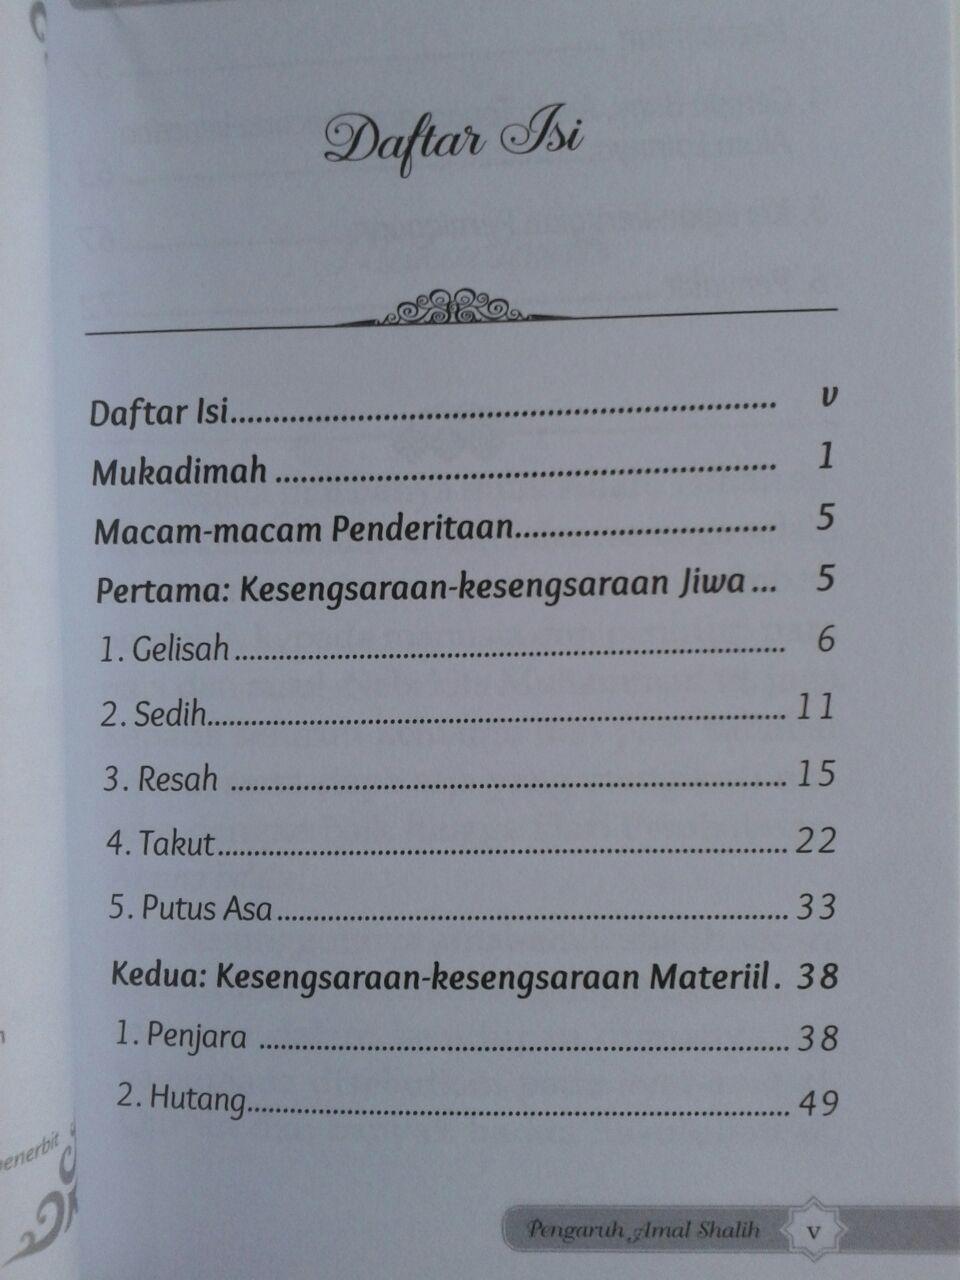 Buku Saku Dahsyatnya Pengaruh Amal Shalih Dalam Kehidupan isi 2